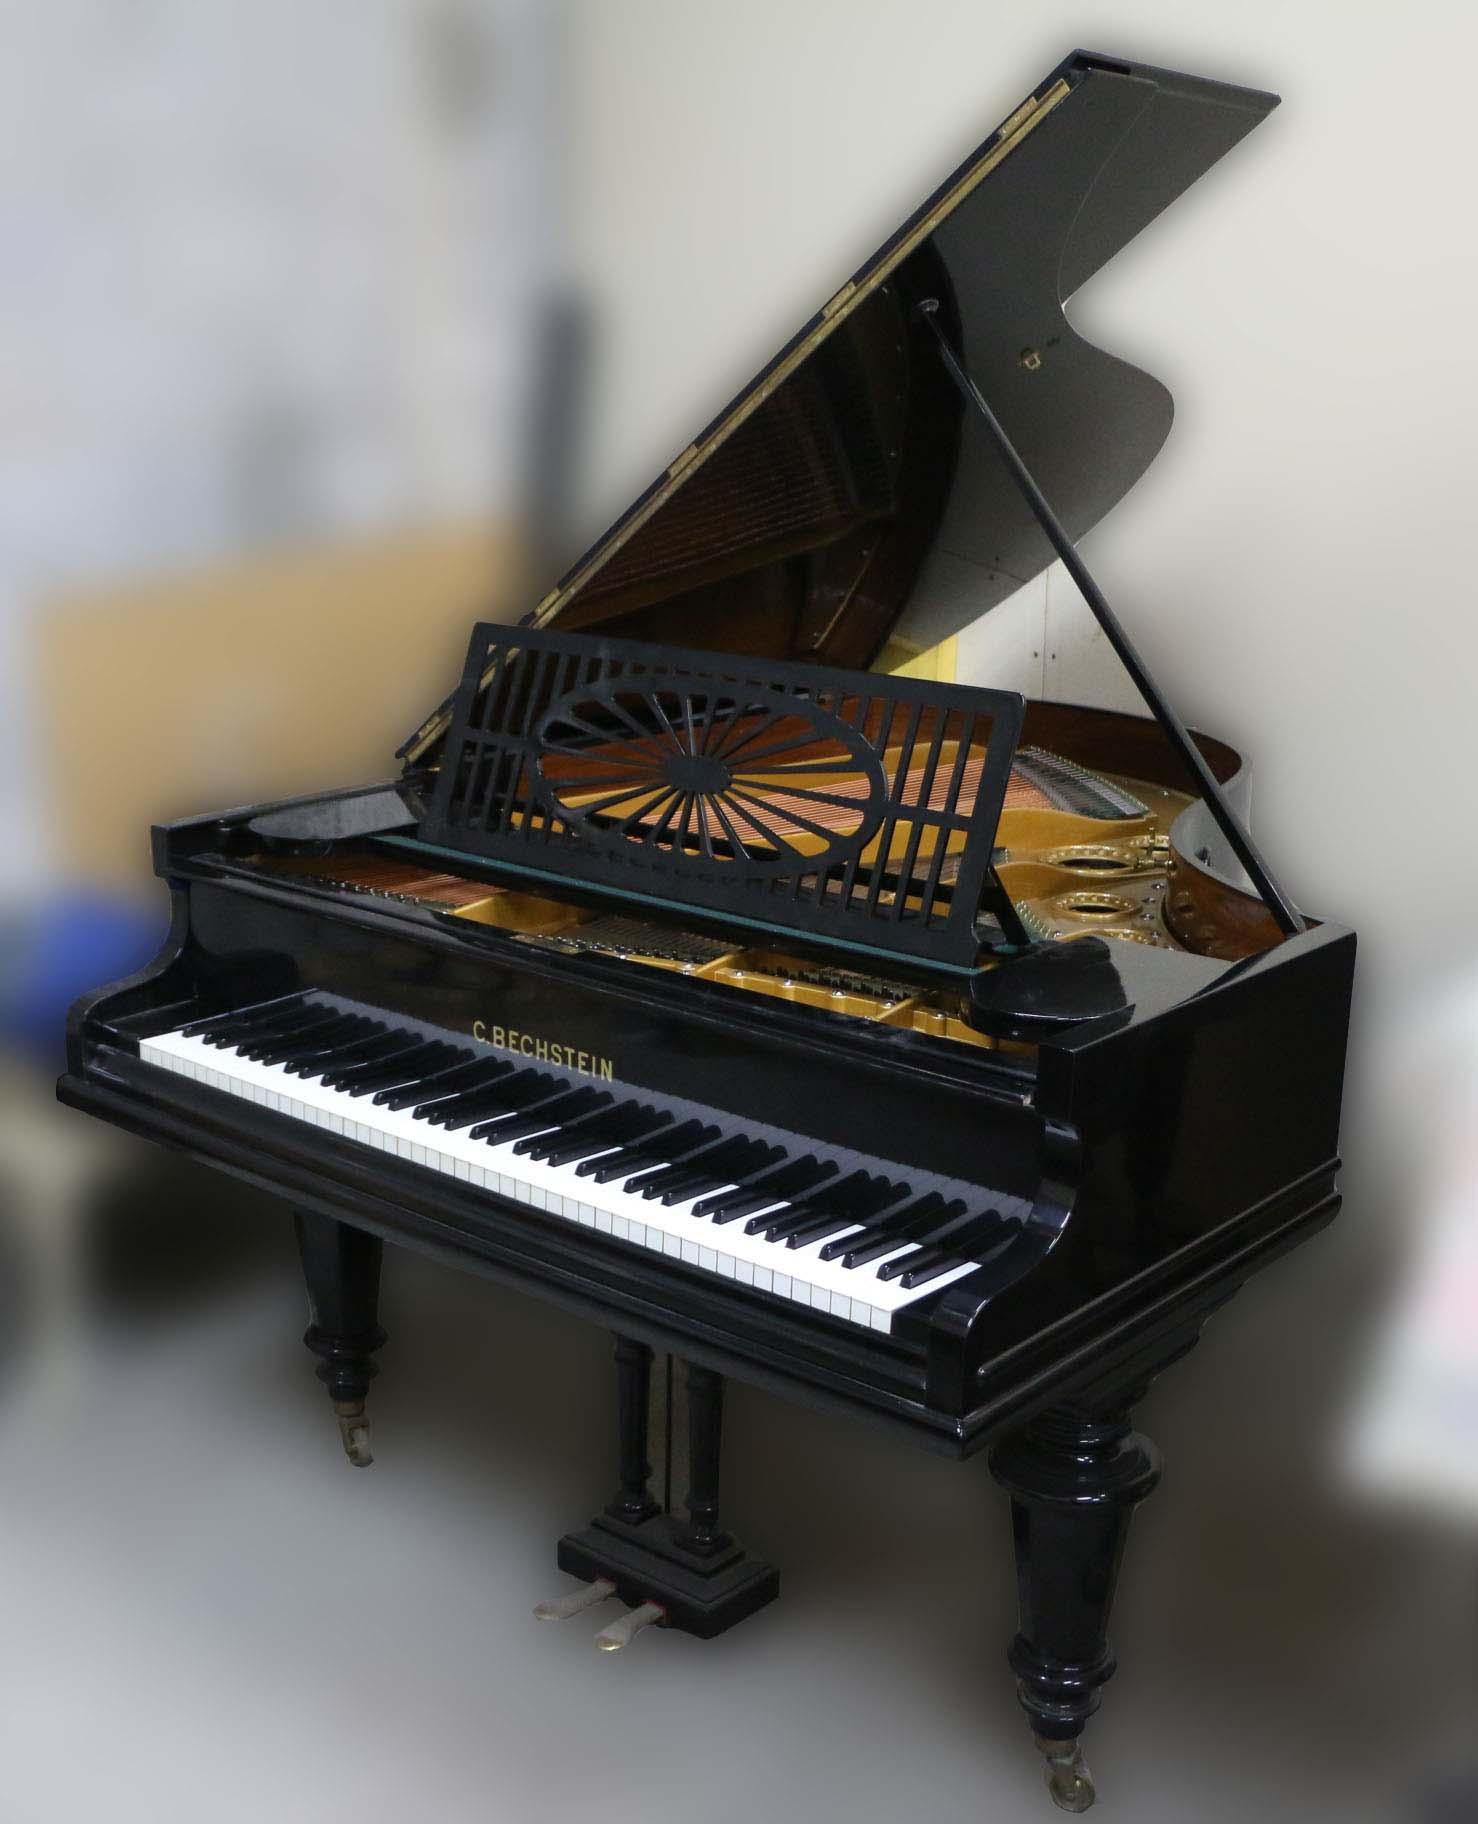 מתוחכם למכירה פסנתר כנף יד שניה בצבע שחור מט ובאיכות מצויינת   בני מילר OE-54